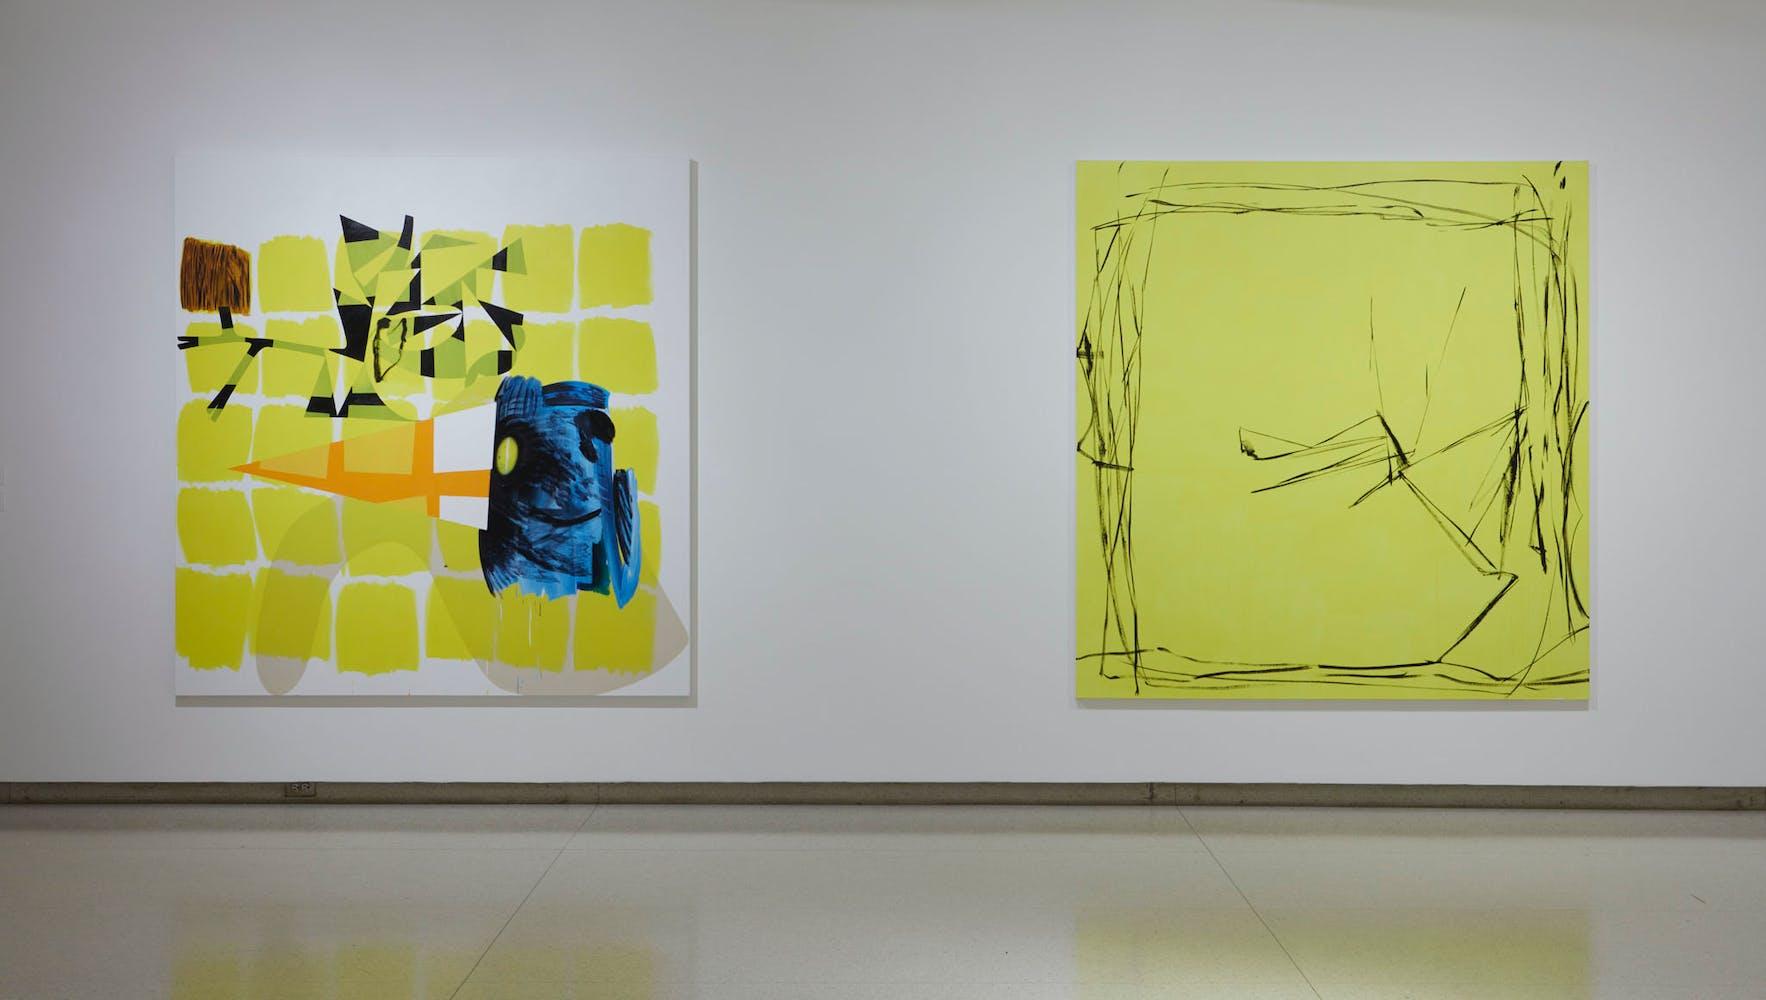 View of the exhibition Less Than One, 2016; (left to right): Charline von Heyl, Children's Encyclopedia, 2014; Charline von Heyl, Bois-Tu De La Bier?, 2012 (Photo: Gene Pittman, ©Walker Art Center)